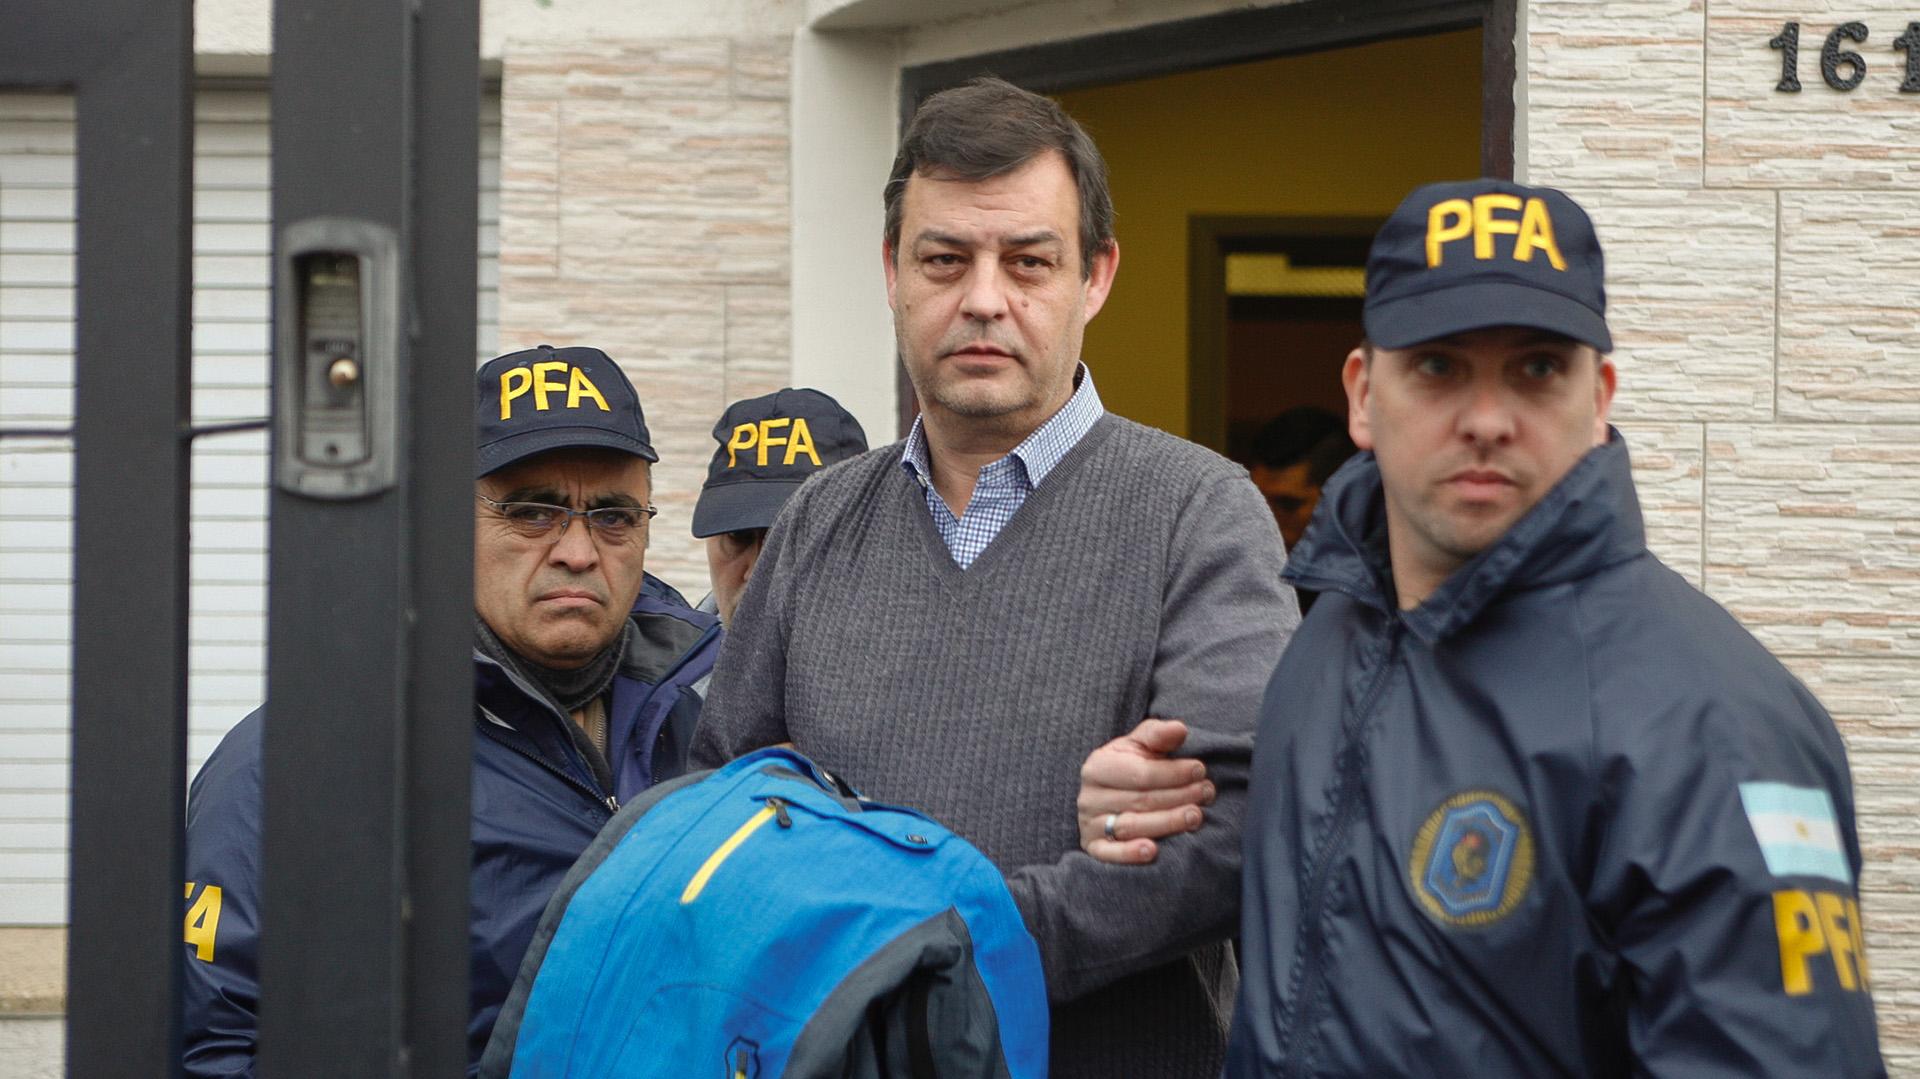 Víctor Manzanares, el contador de los Kirchner, fue detenido hoy en su estudio de Río Gallegos, por orden del juez federal Claudio Bonadio en el marco de la causa de Los Sauces